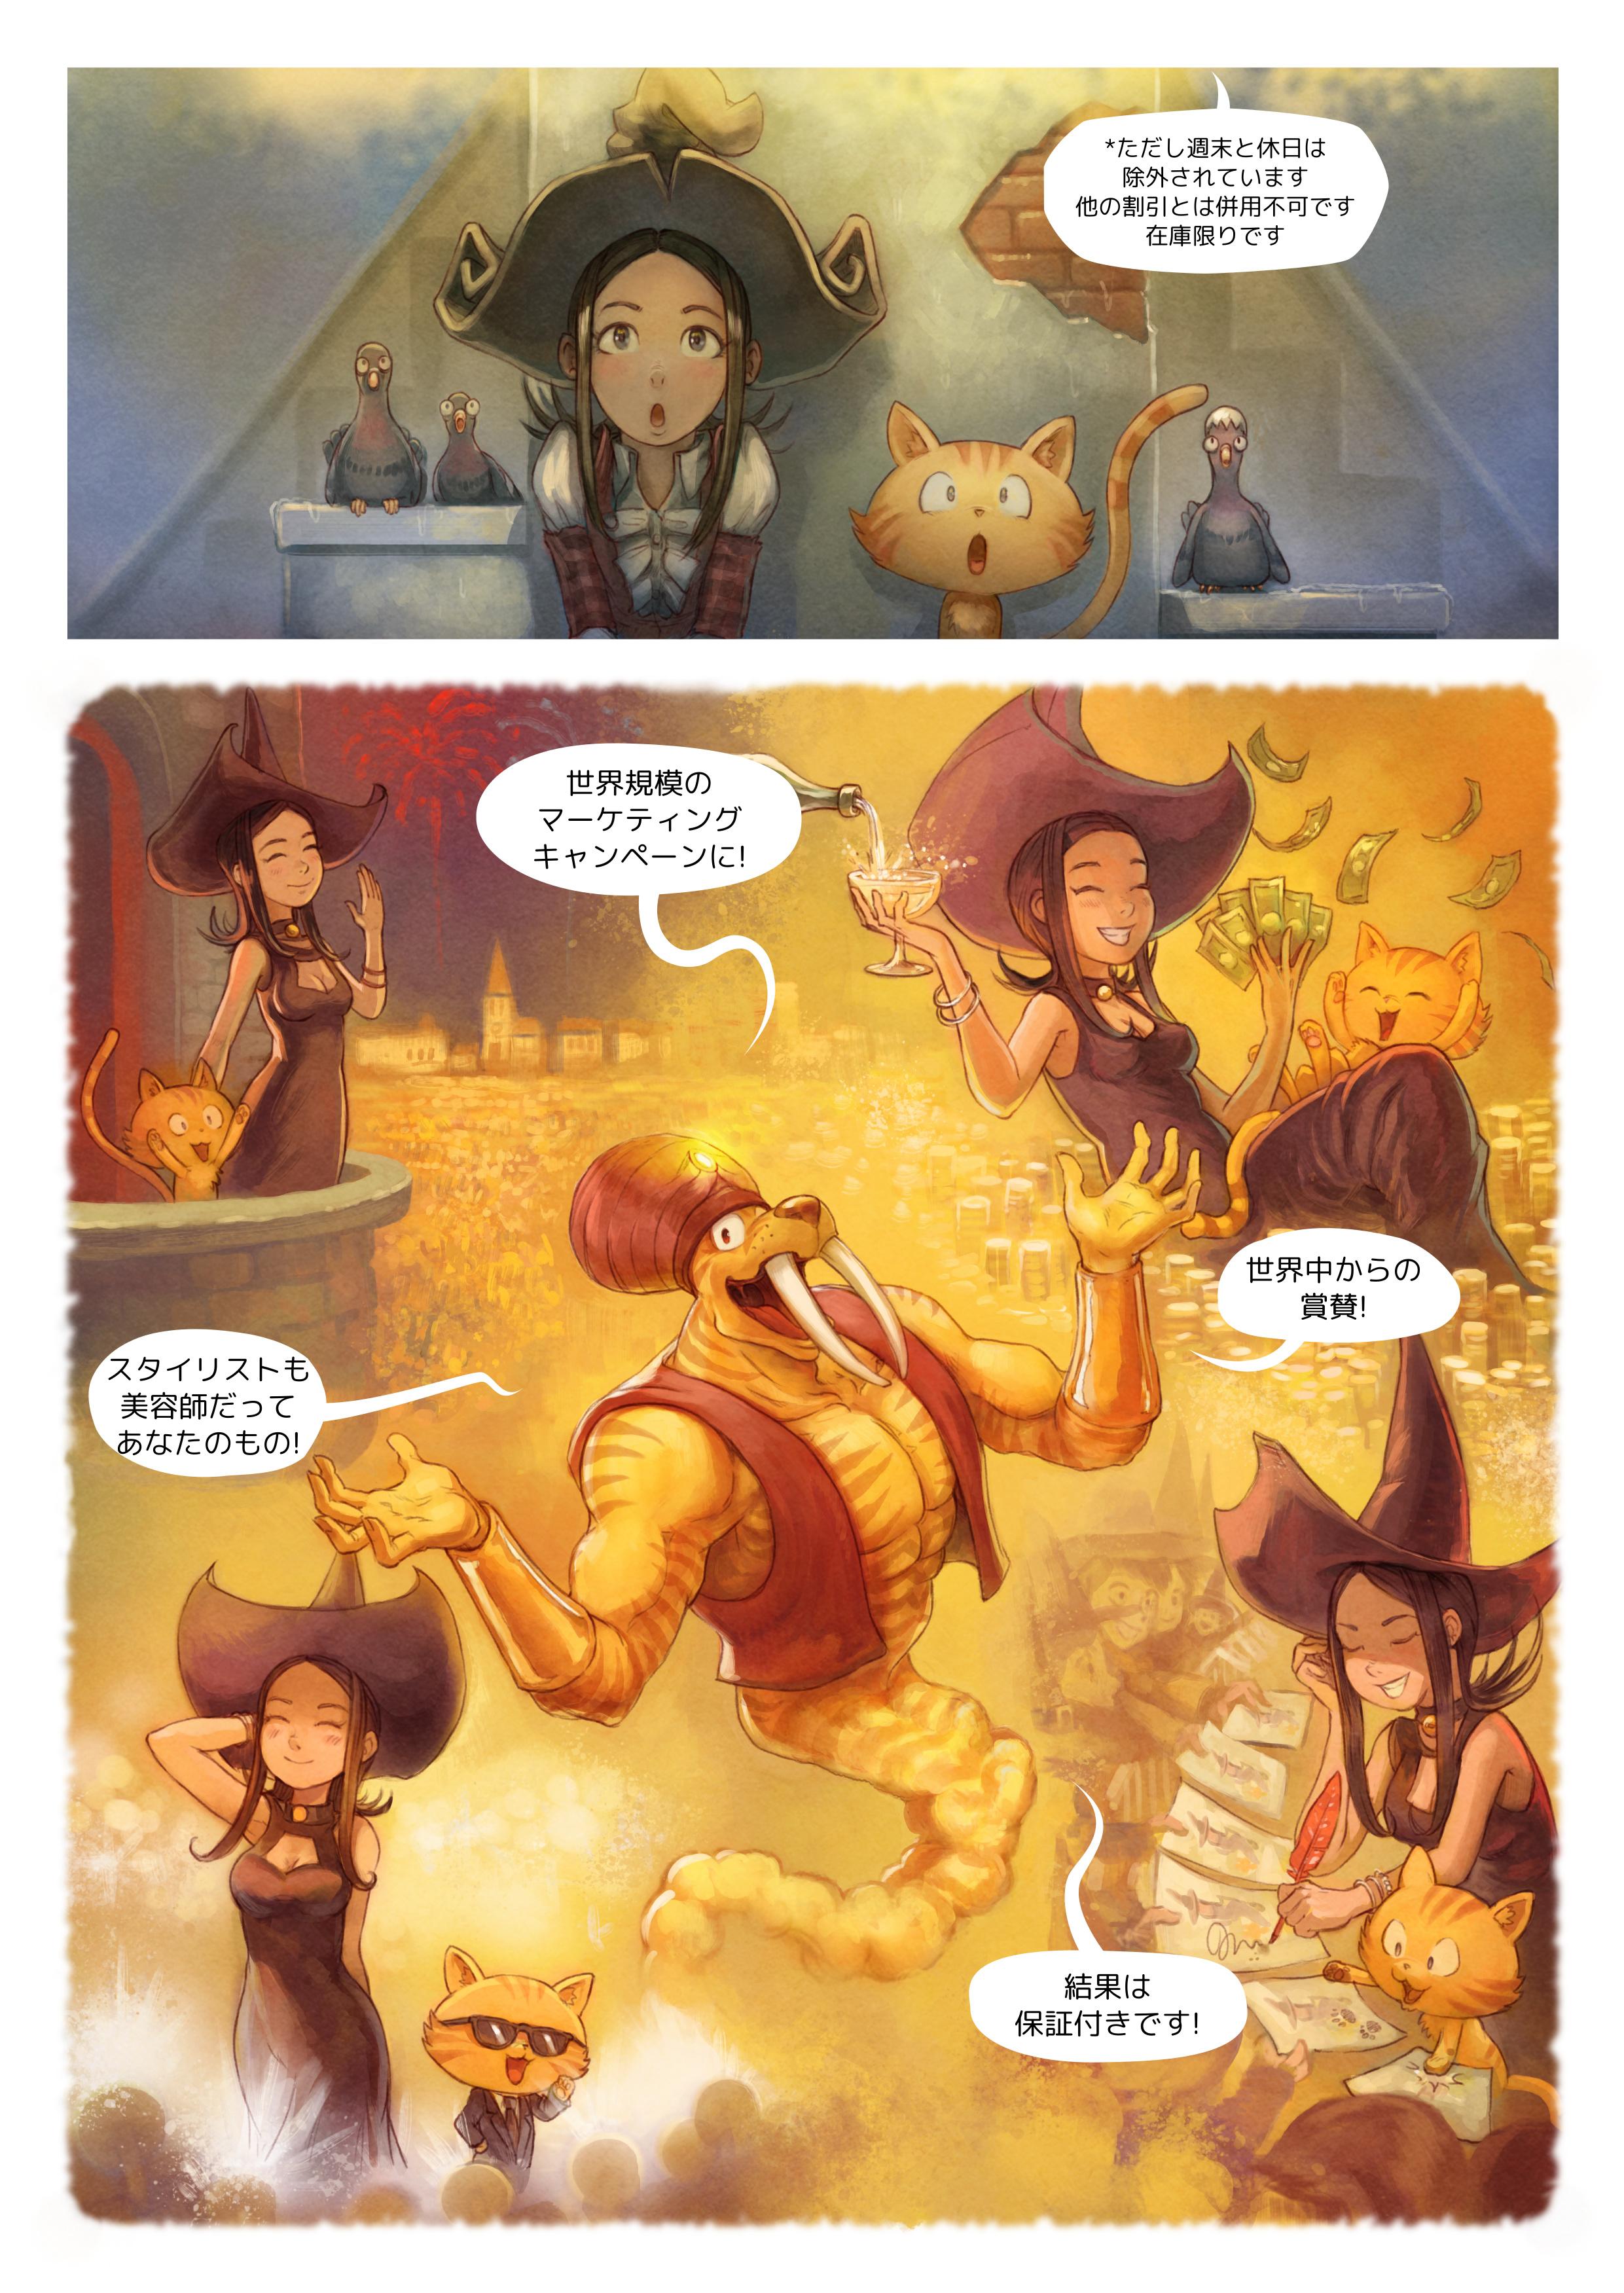 エピソード 23: 幸運をつかむ, ページ 4